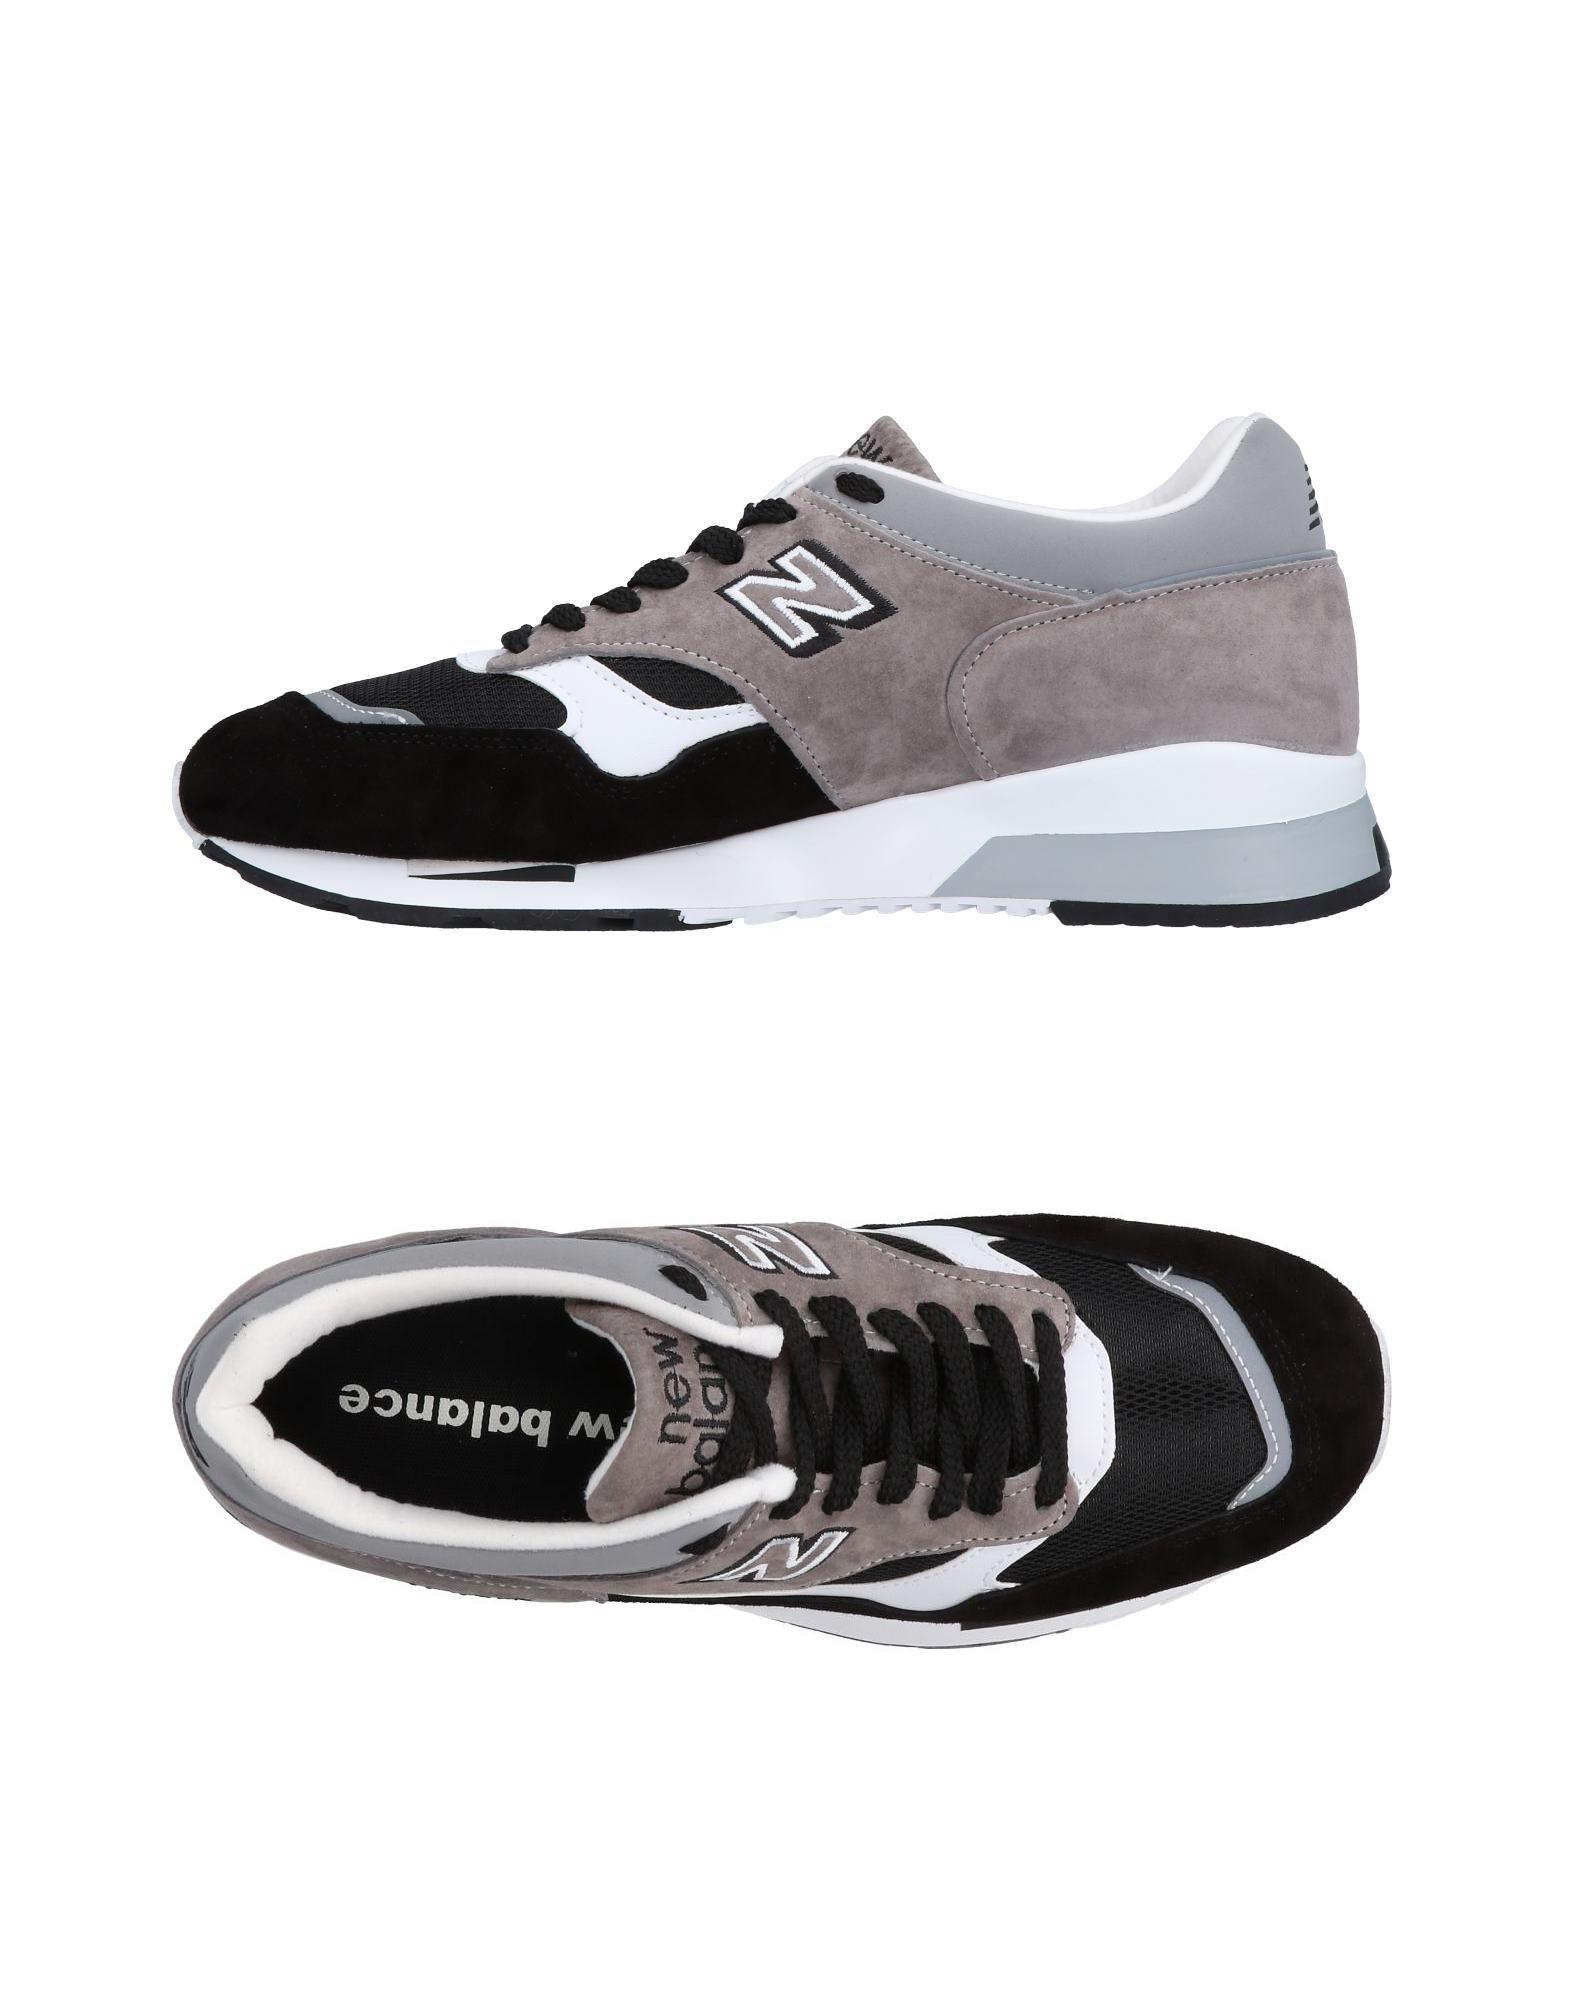 Rabatt Sneakers echte Schuhe New Balance Sneakers Rabatt Herren  11483790EJ 7a1717